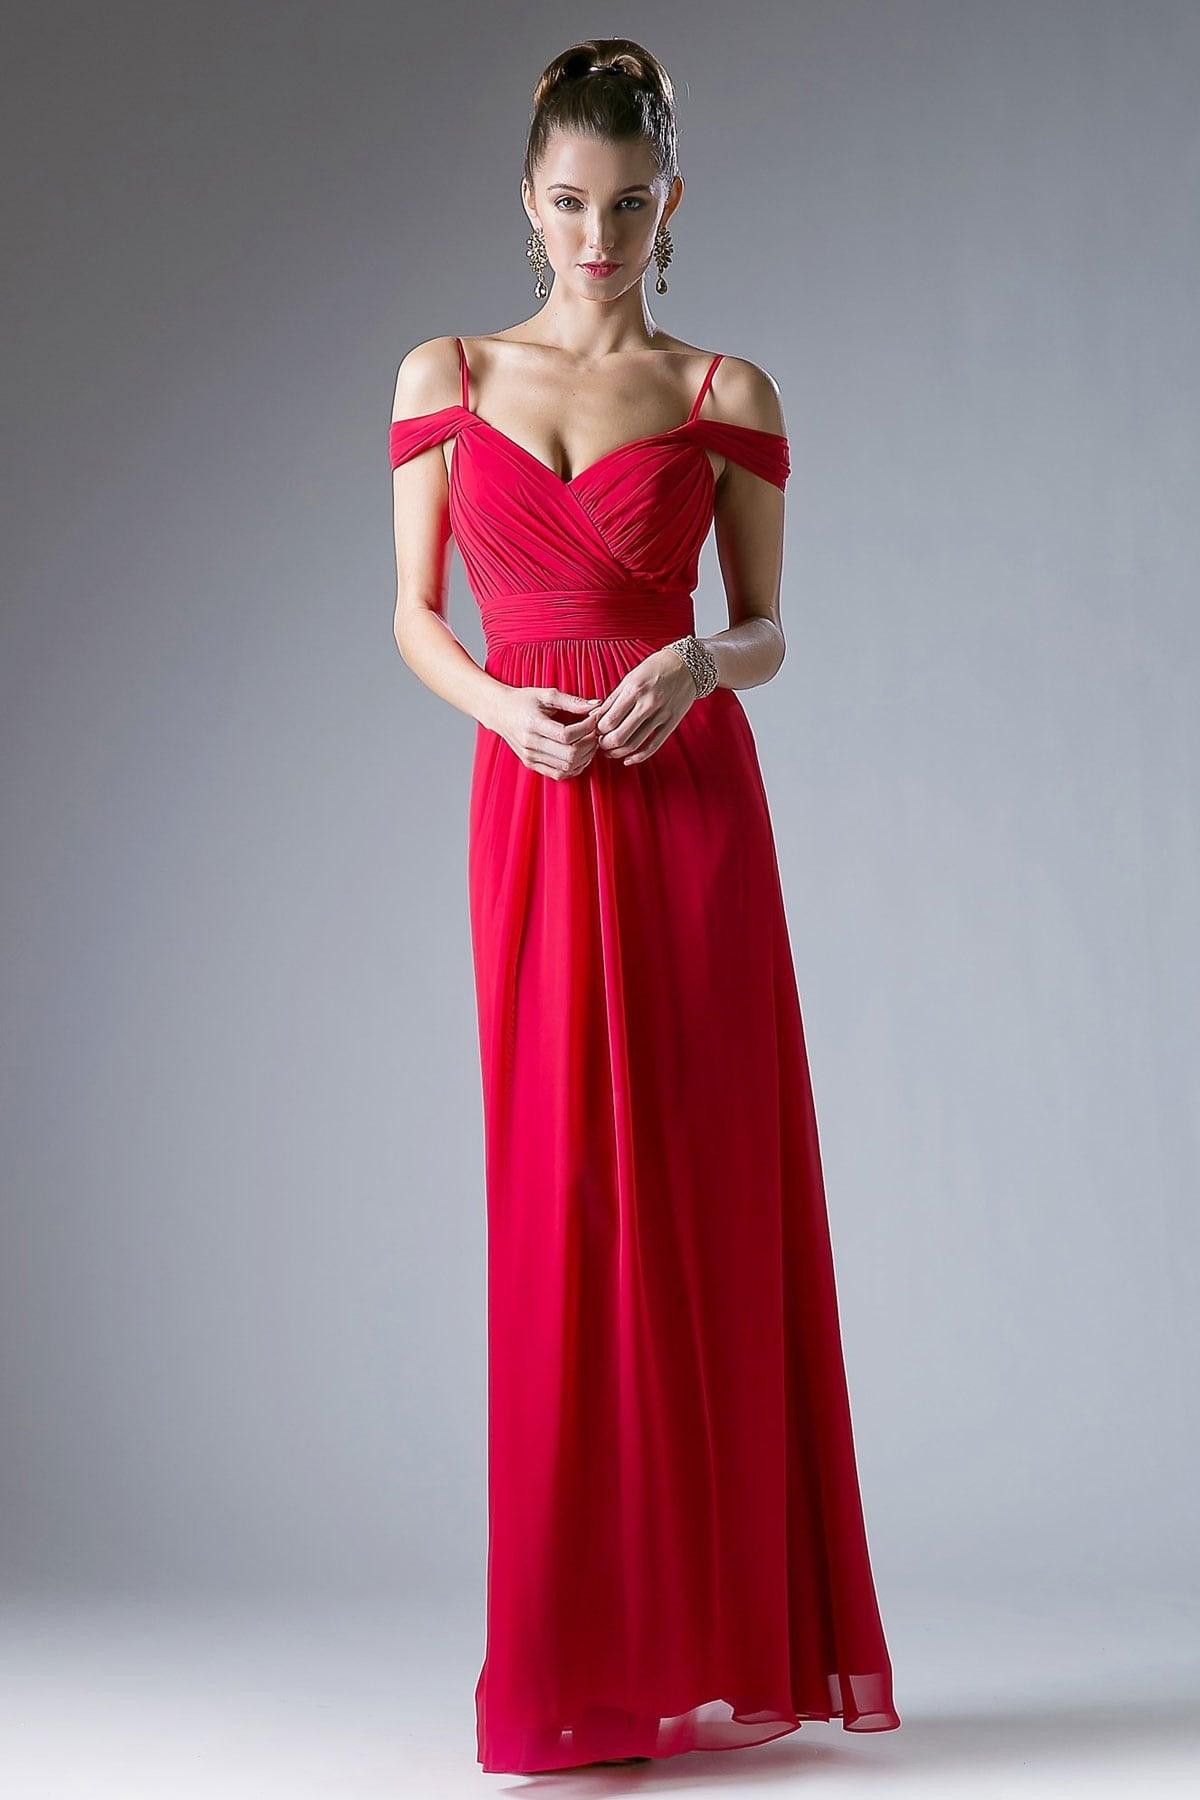 Designer Top Türkische Abendkleider Online Shop Vertrieb - Abendkleid